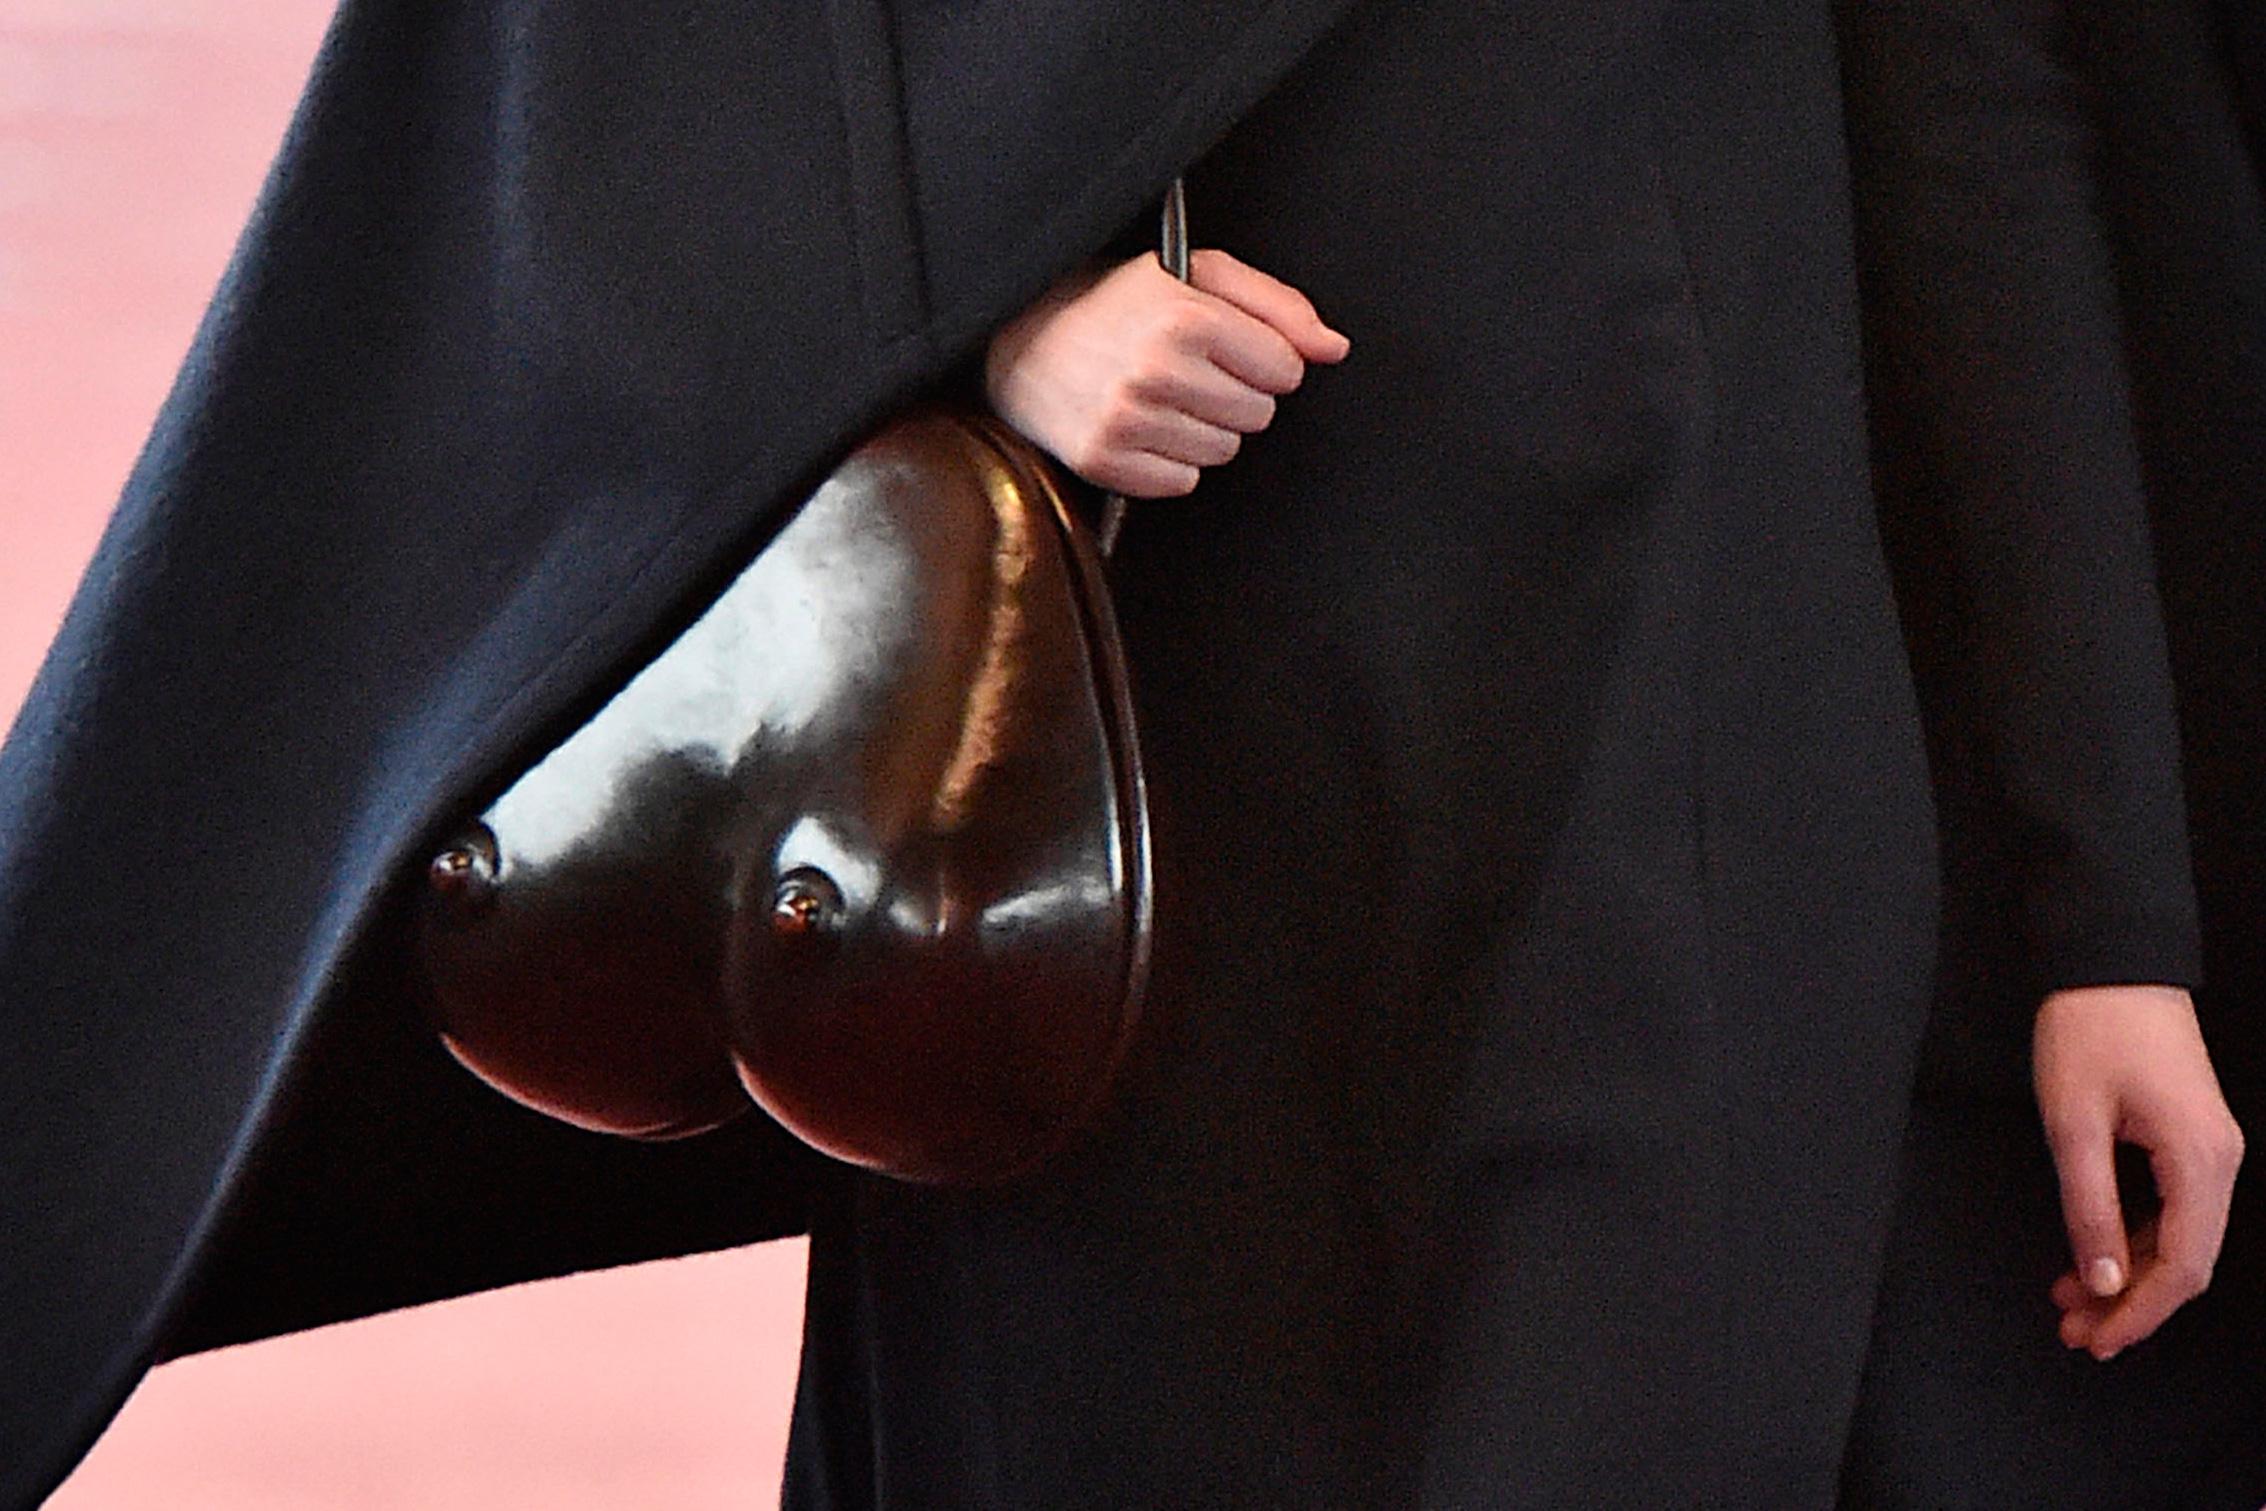 Acessorios-semana-de-moda-de-Paris-inusitados-bolsa-seio-christophe-lemaire